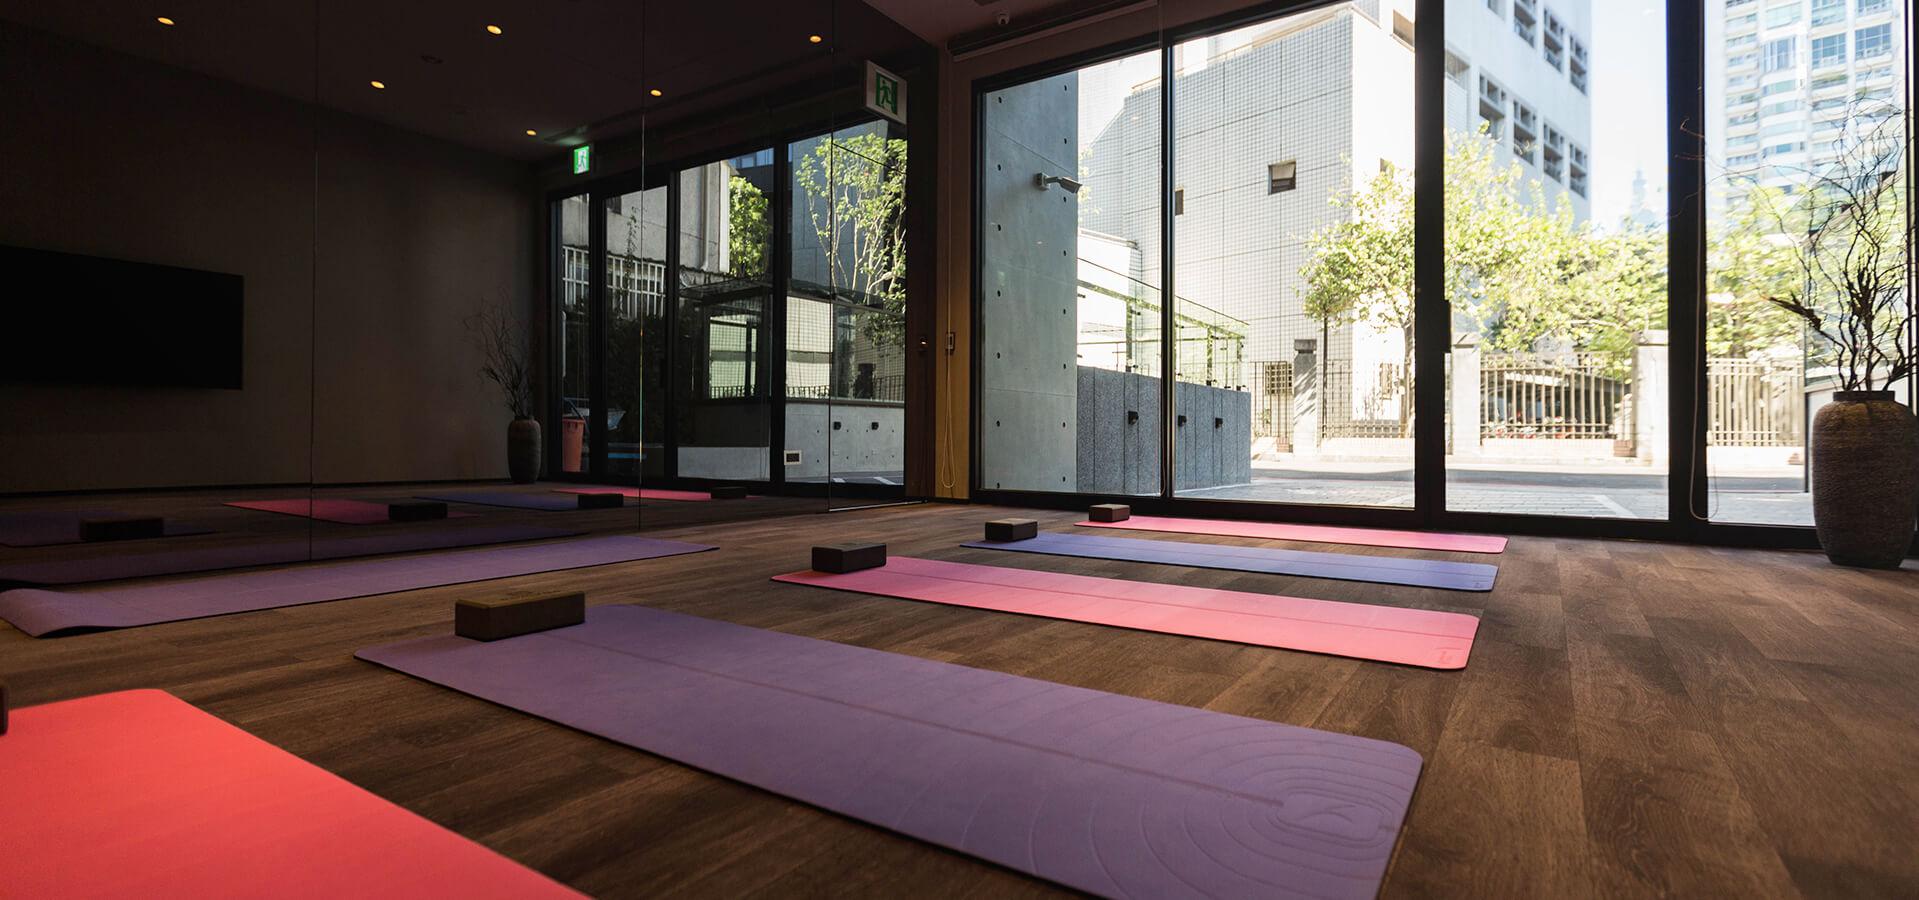 插圖 - 瑜伽課程室